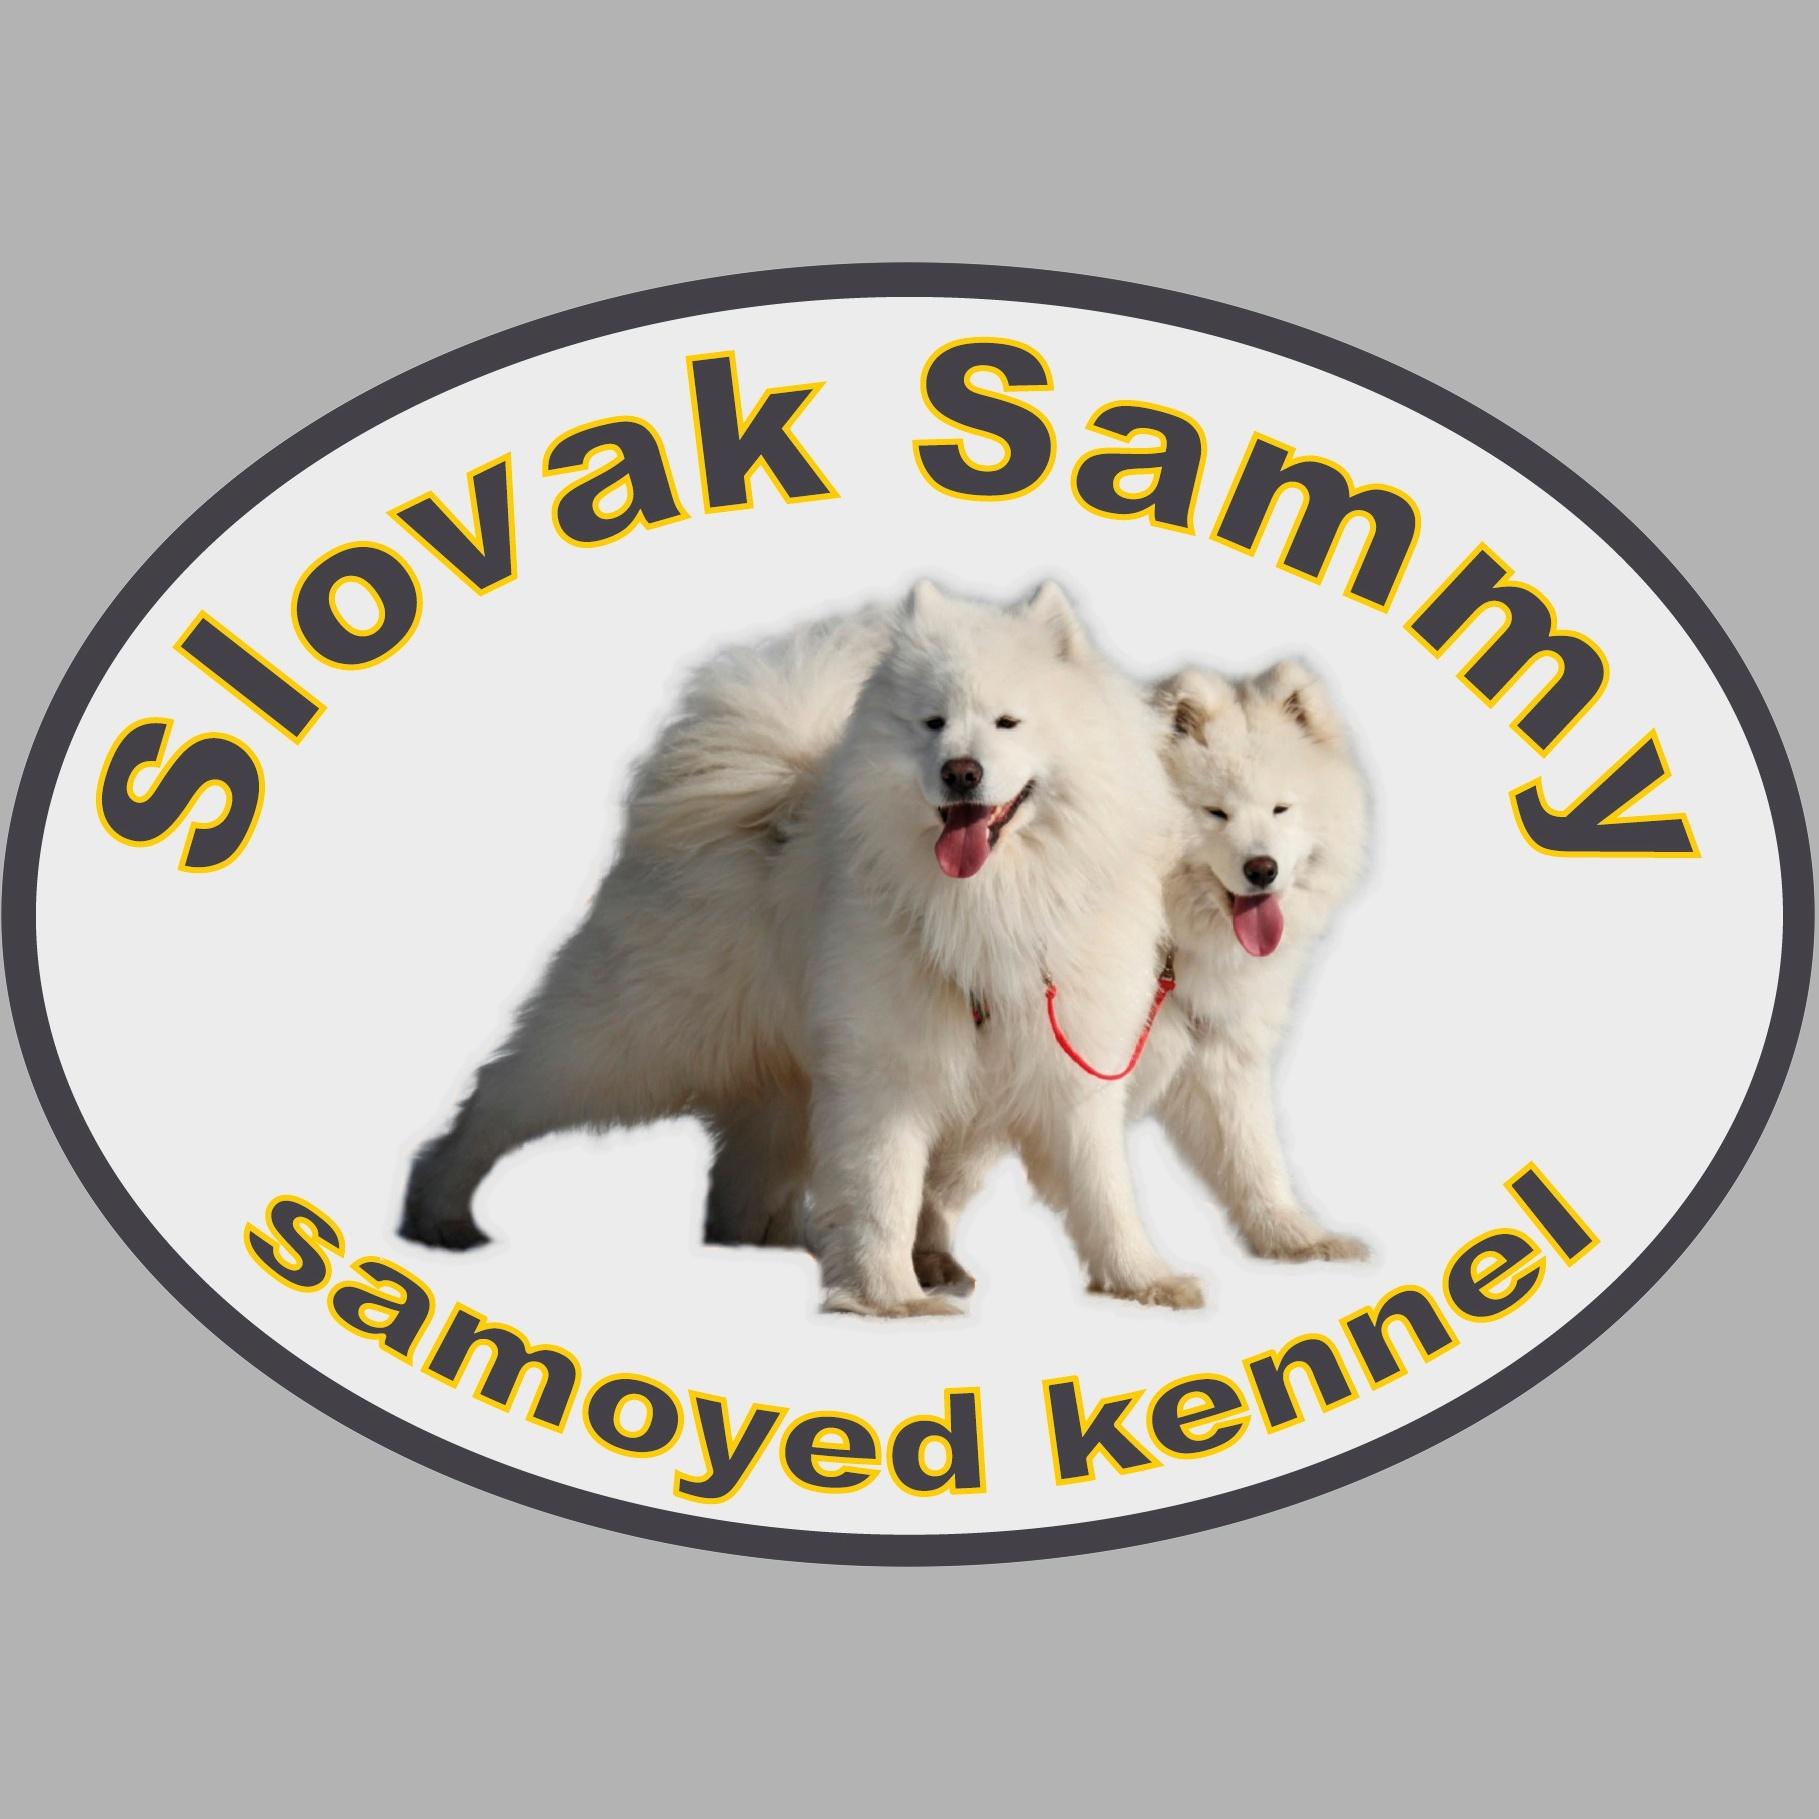 Slovak Sammy